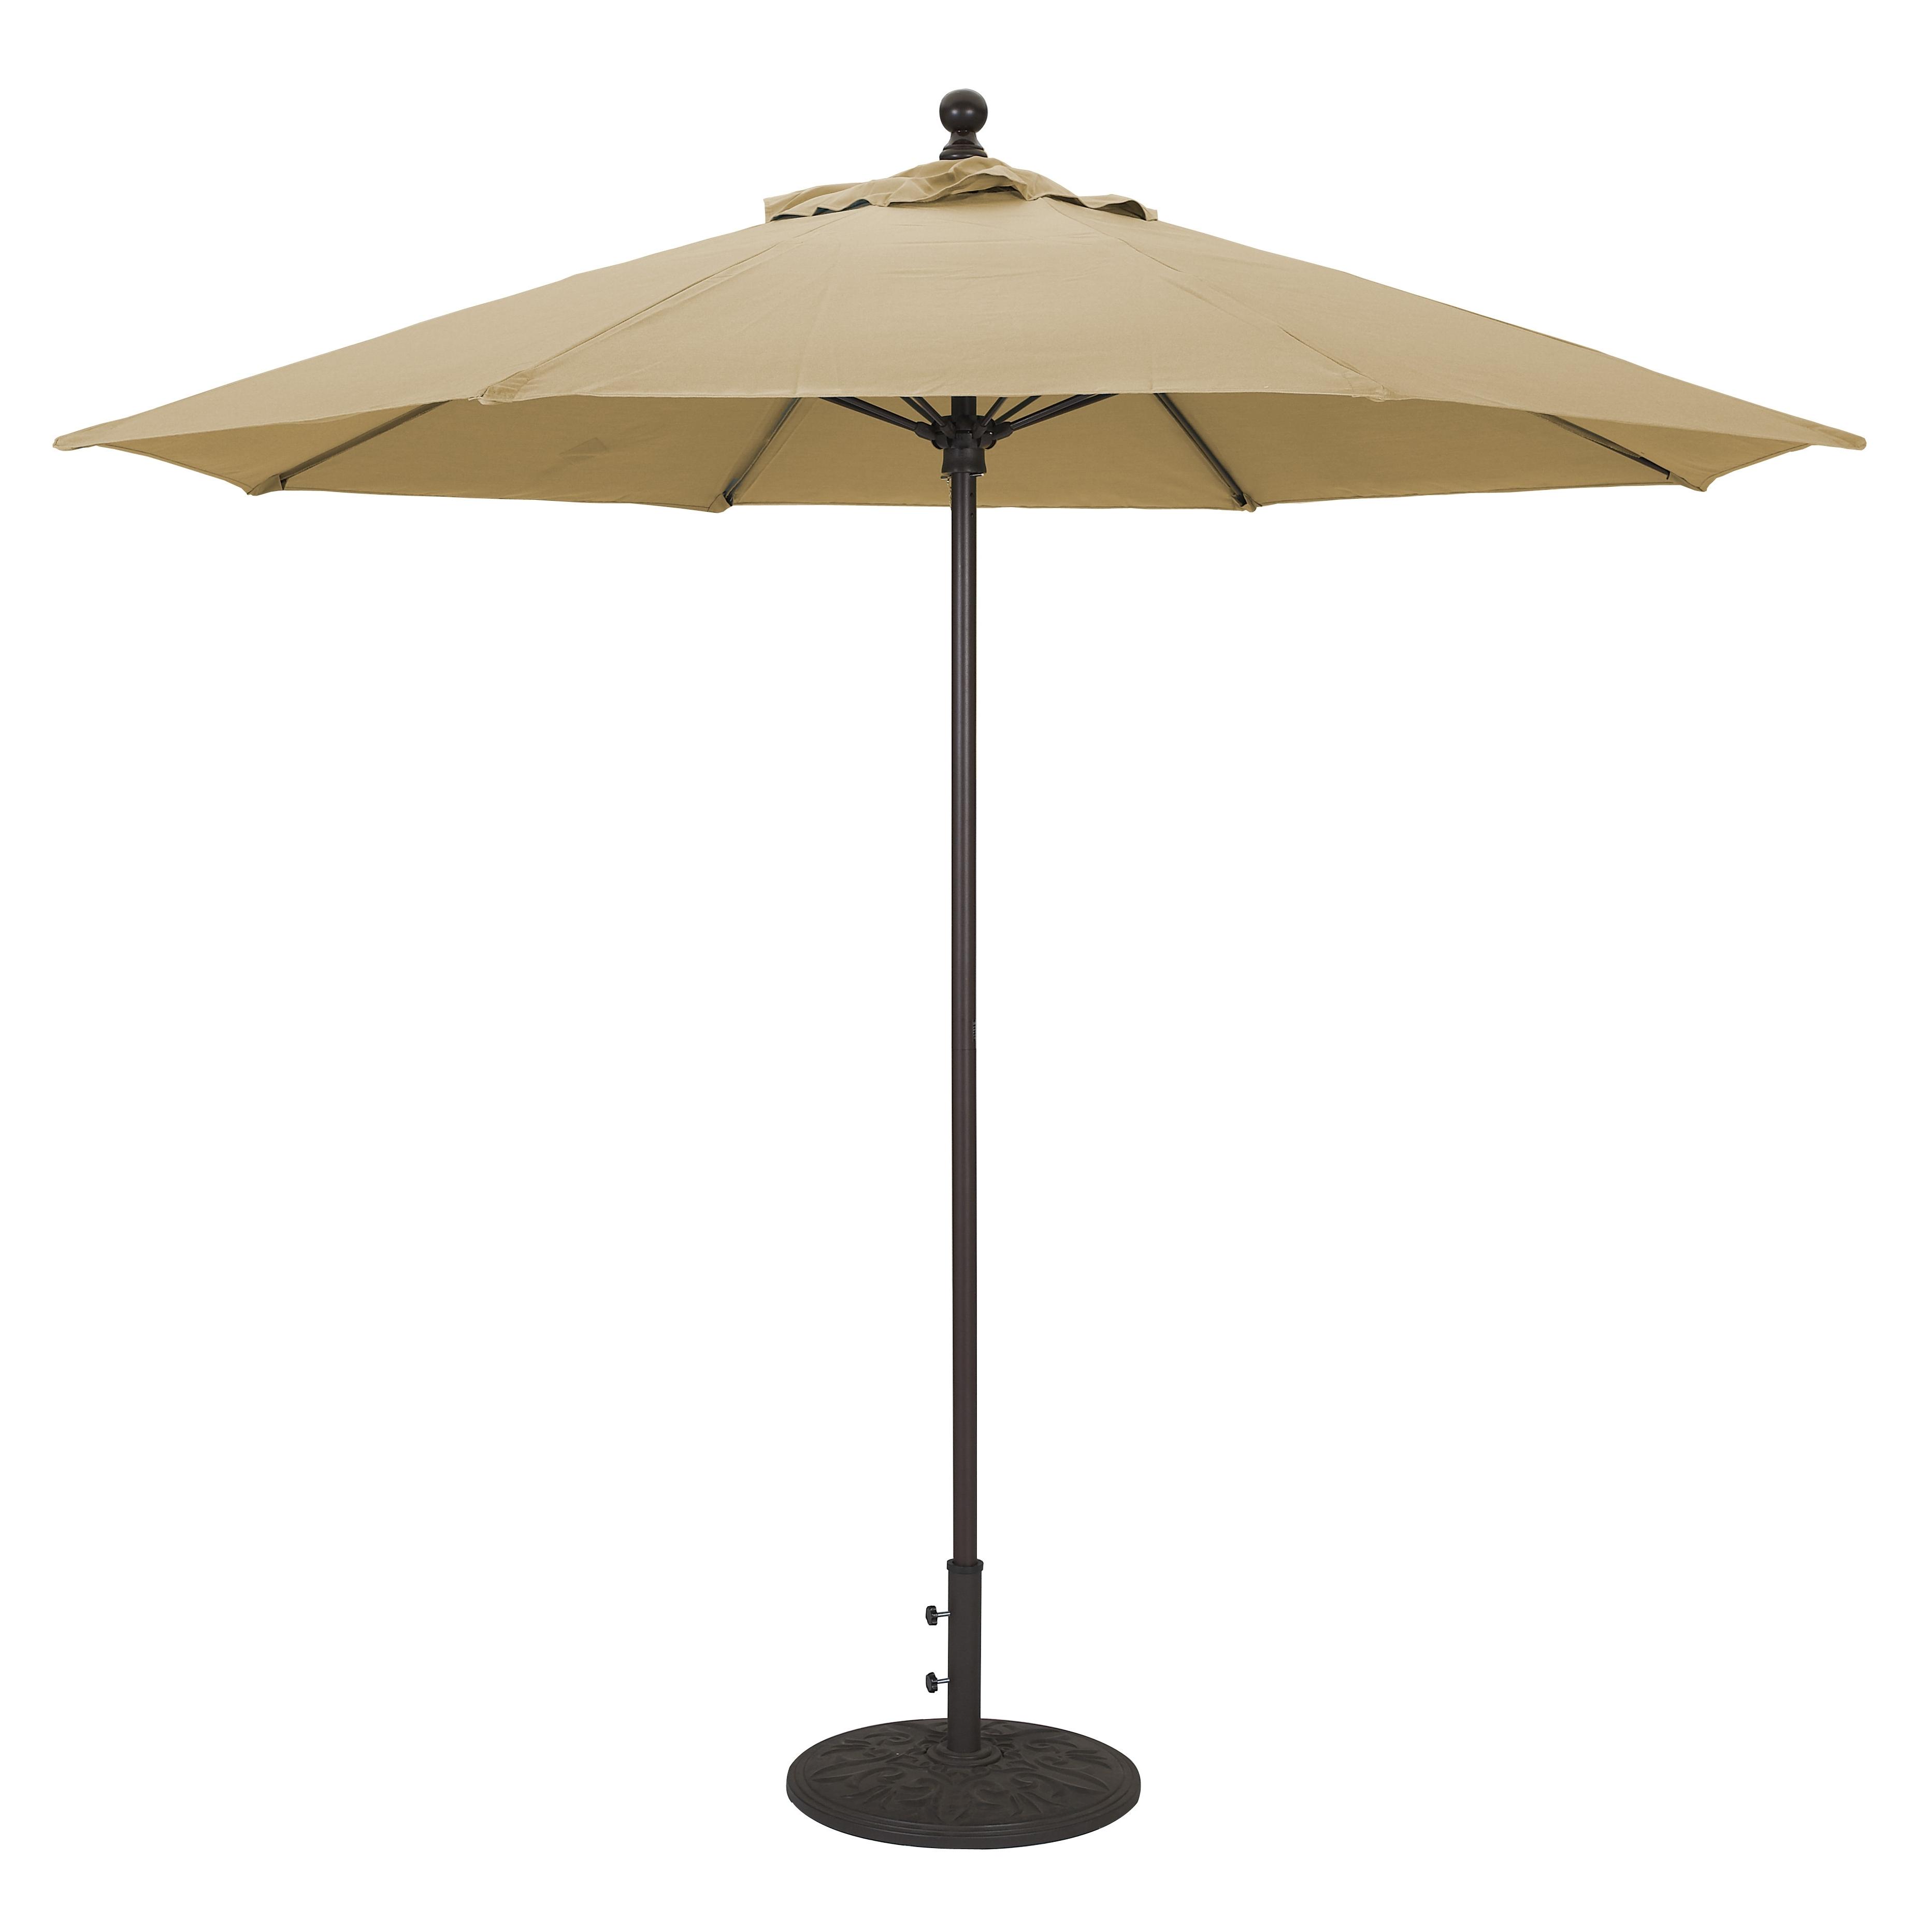 Sunbrella Umbrellas Inside 2018 Sunbrella Teak Umbrellas (View 17 of 20)